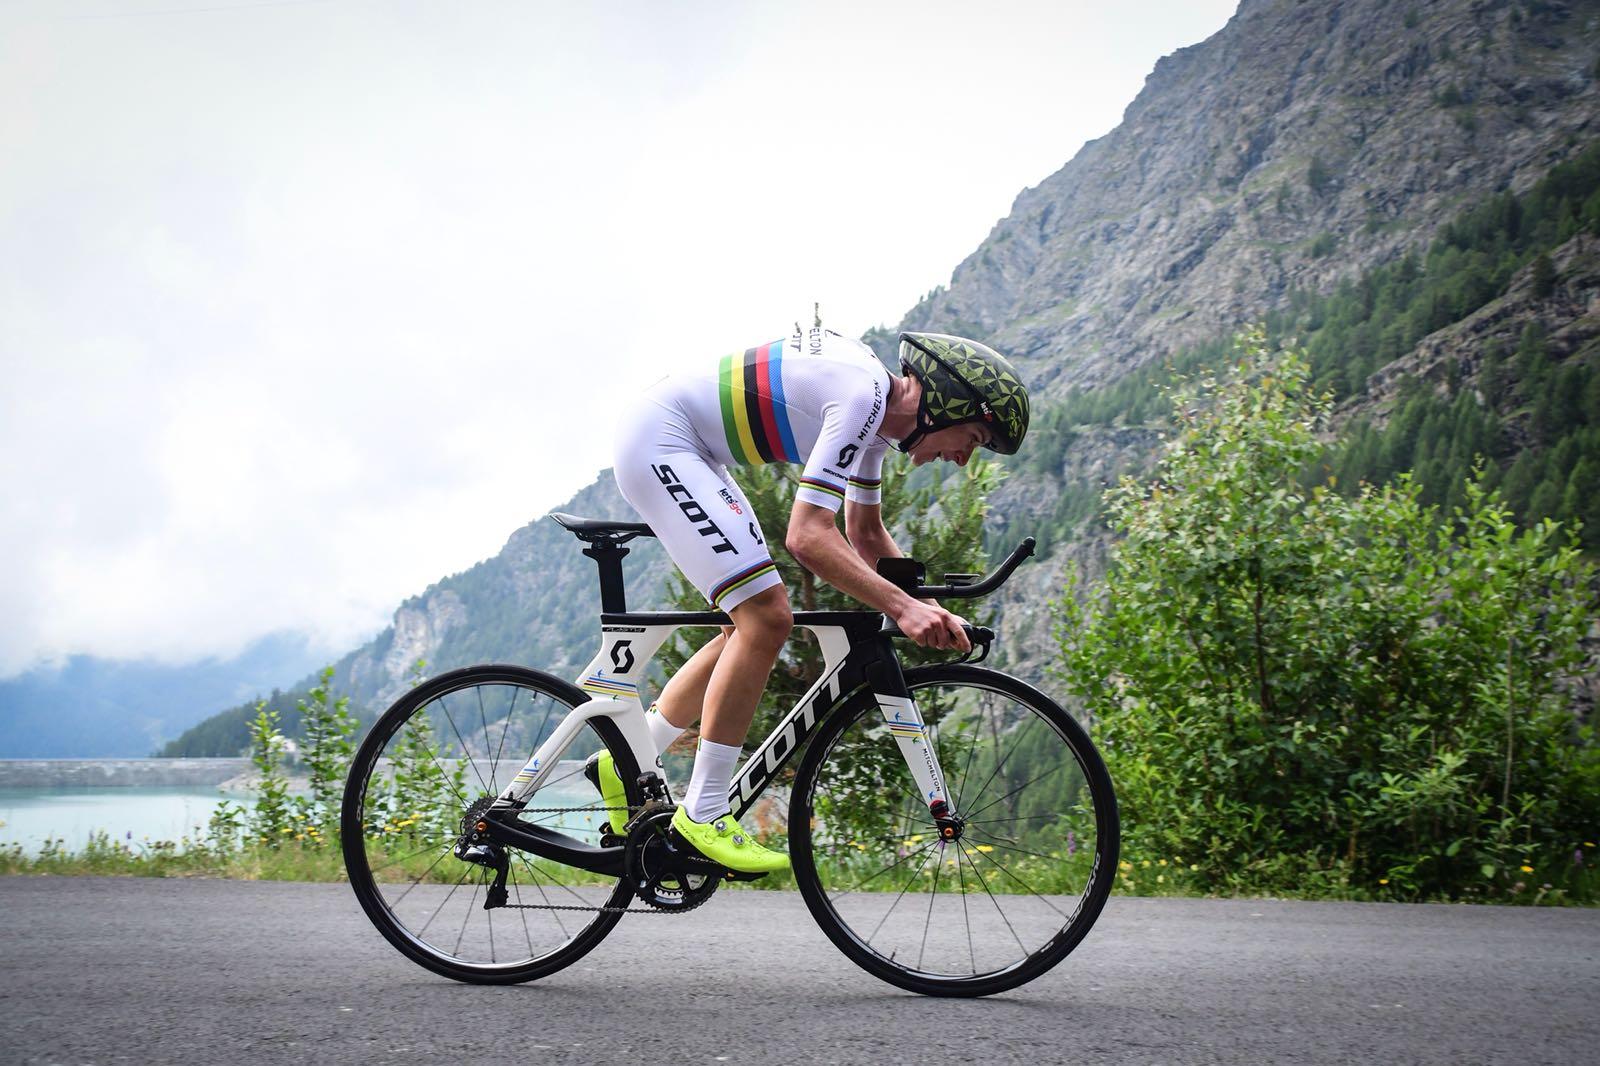 Vleutendomina la cronoscalata valida per la settima tappa del Giro Rosa 2018